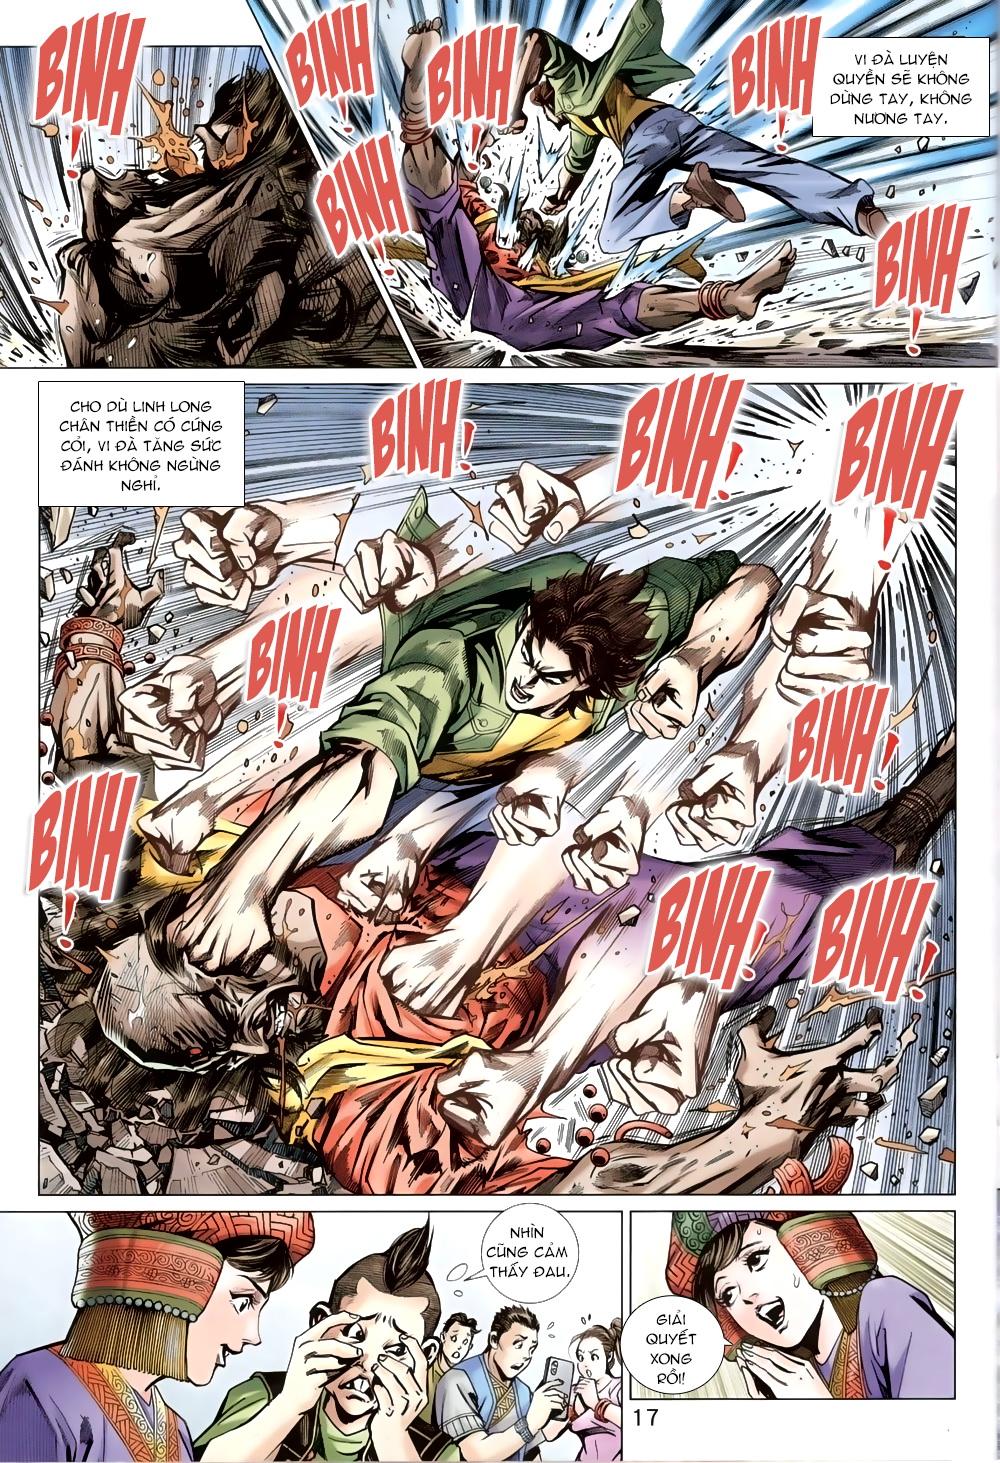 Tân Tác Long Hổ Môn chap 820 Trang 16 - Mangak.info